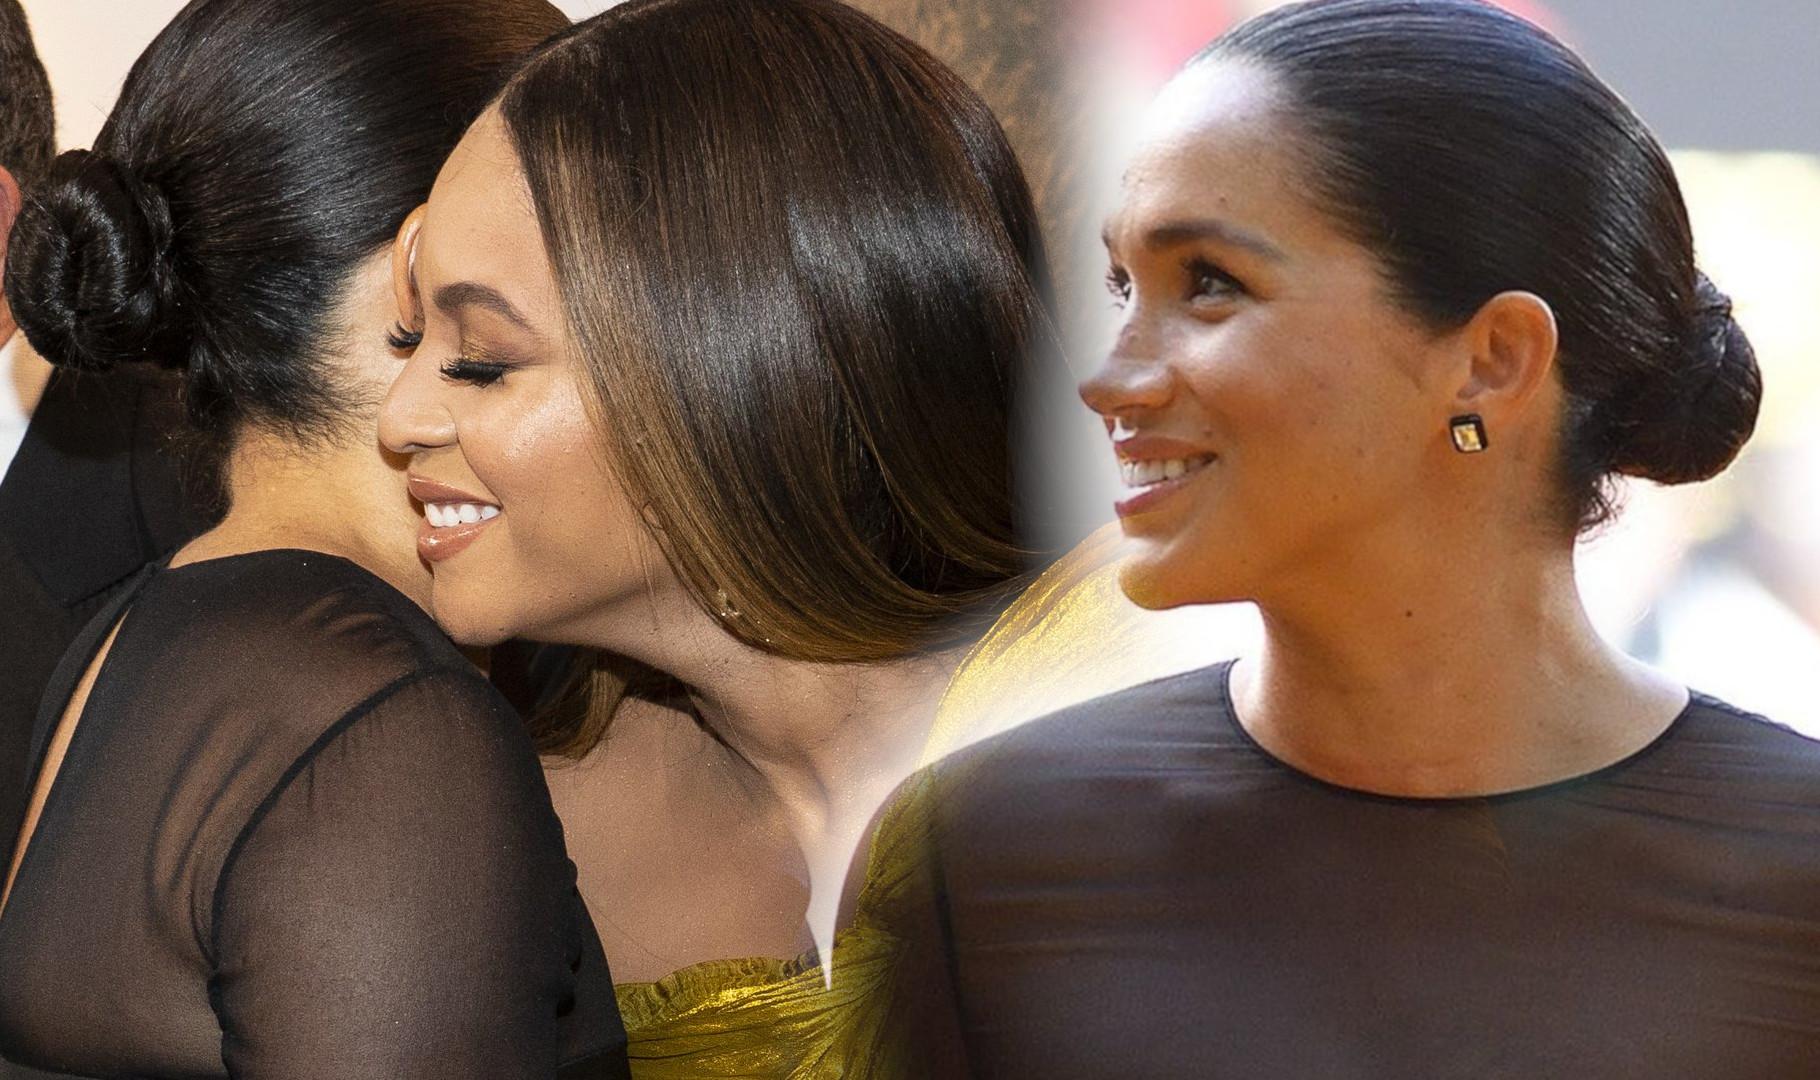 W mediach zawrzało! Ekspertka od mowy ciała o relacji Meghan Markle i Beyonce